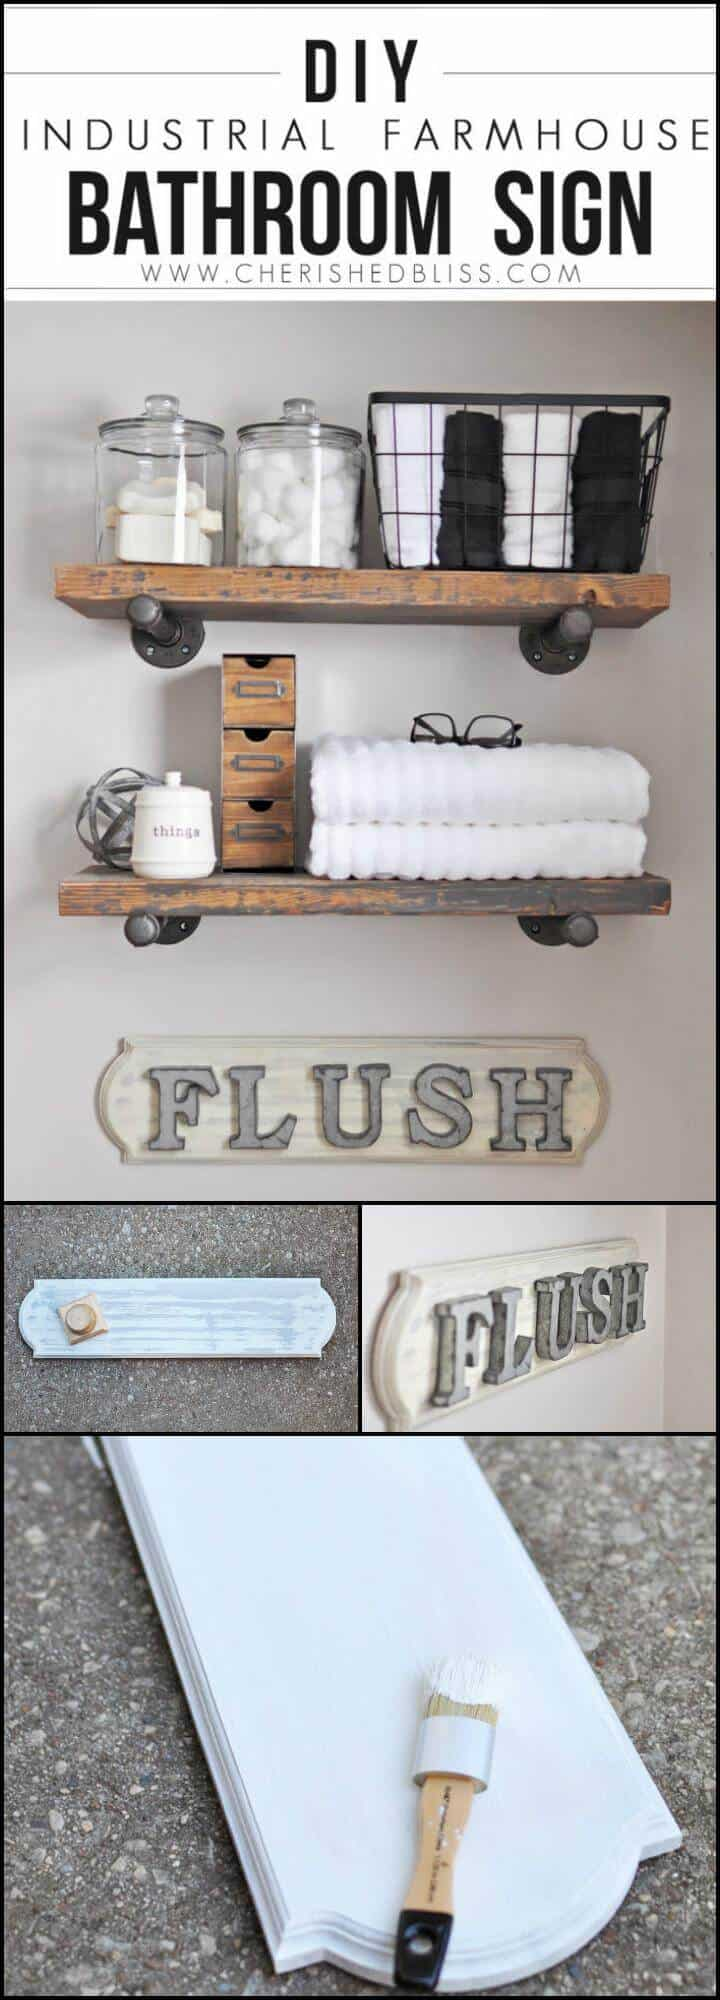 Signo de baño de granja industrial hecho a mano fácil